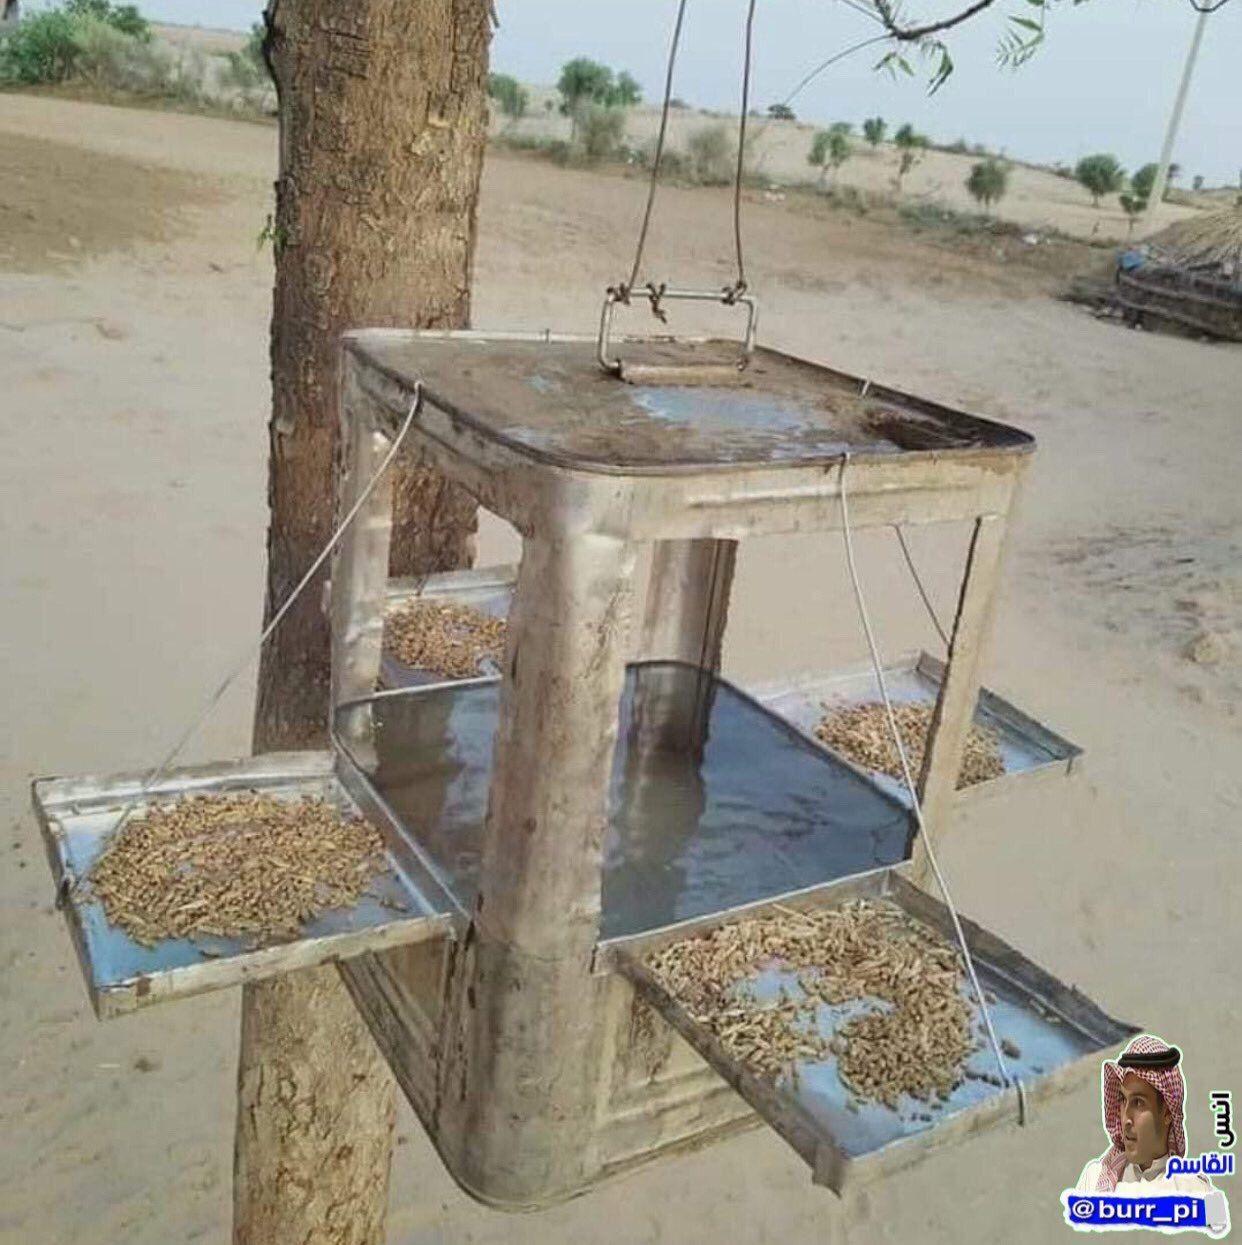 في هذا الطقس الحار اللاهب ستبحث الطيور عن ماء يروي ظمأها فاحرص على فعل الخير مهما استصغرته فلا تدري أي حسنة ت Woodworking Projects Bird Feeders Woodworking